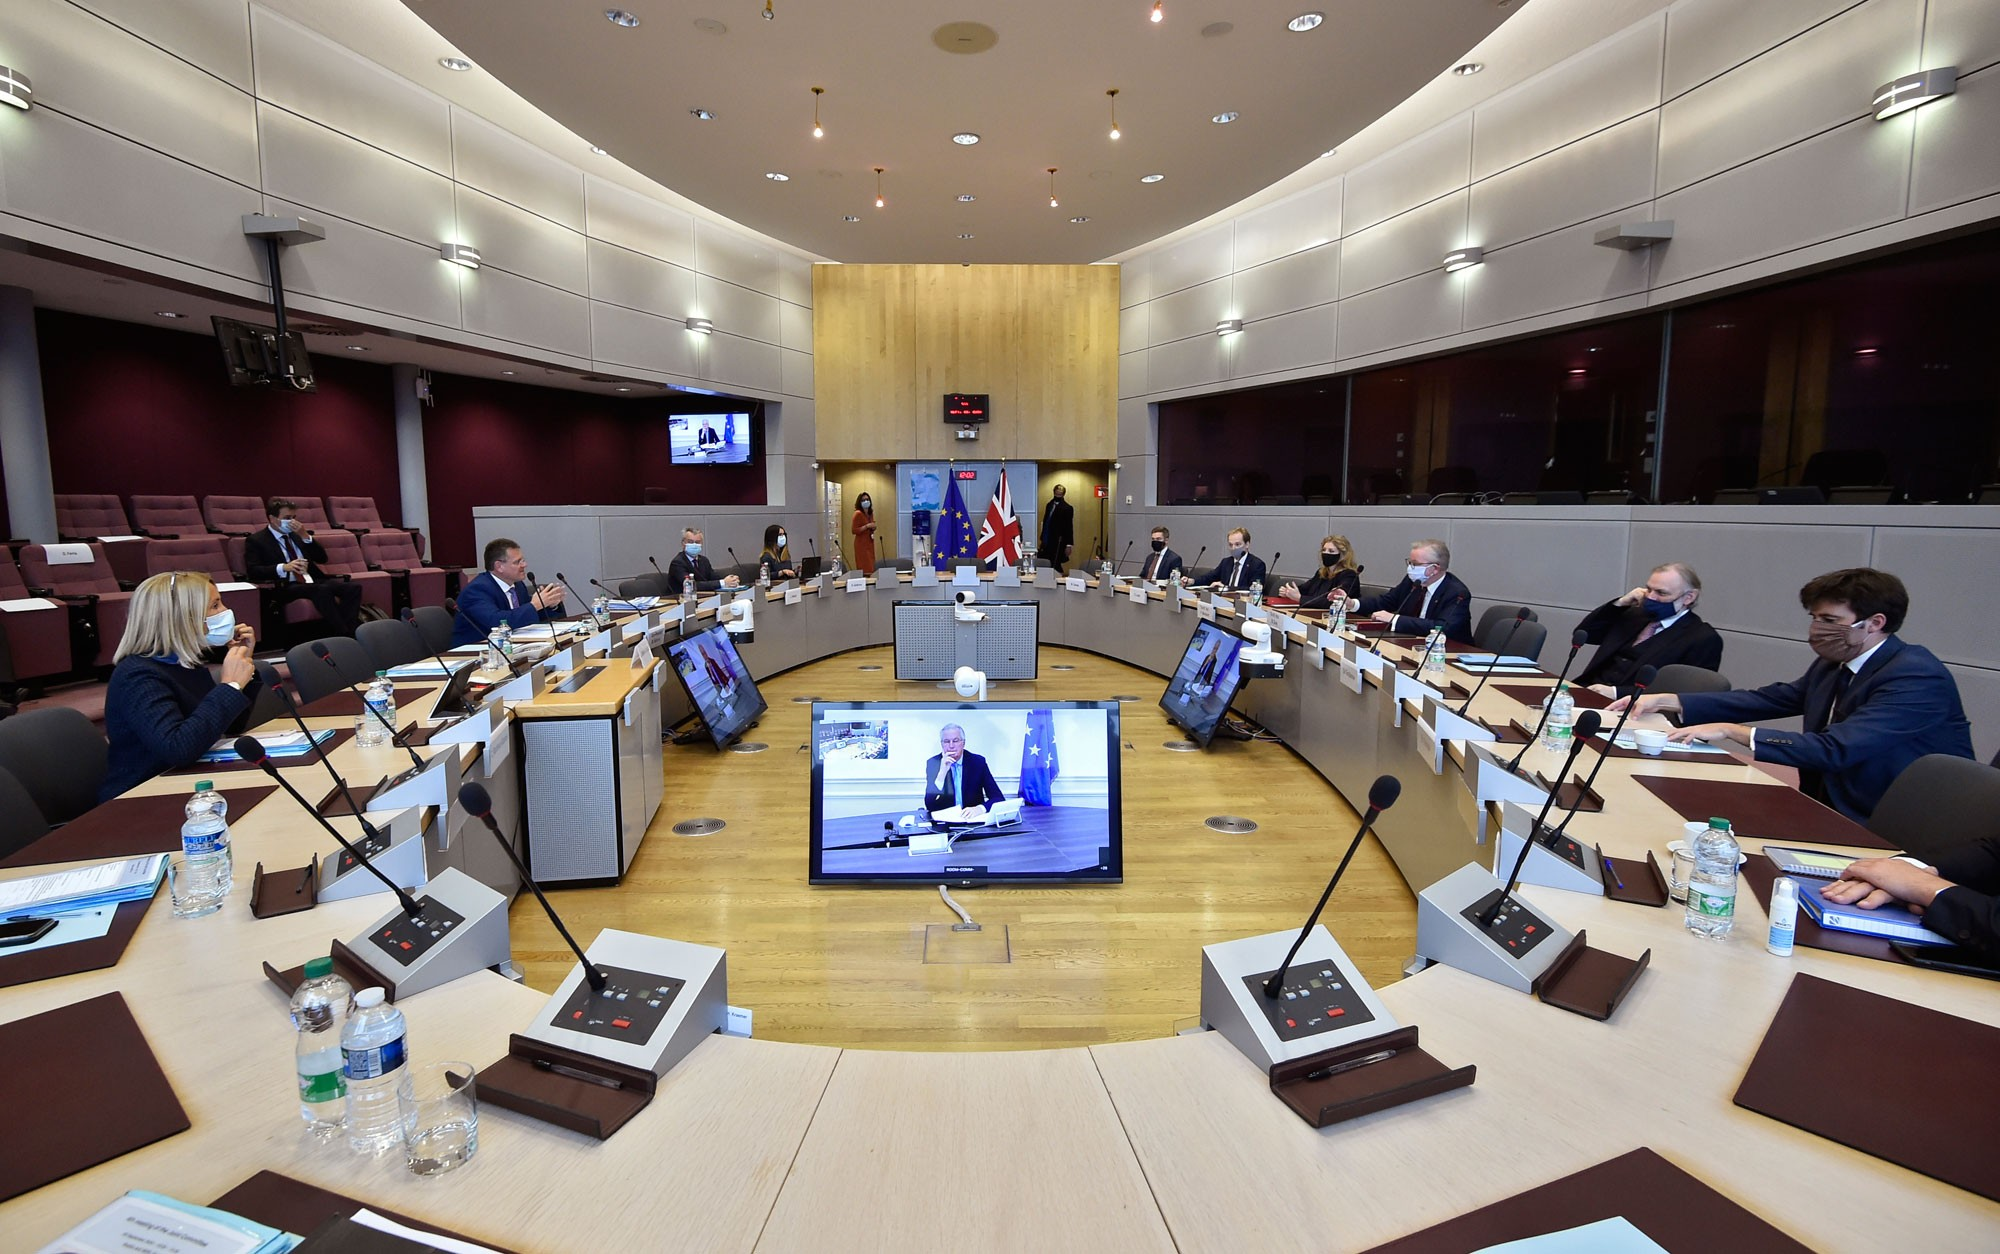 Começa 9ª rodada de negociações para tentar destravar diálogo UE-Reino Unido